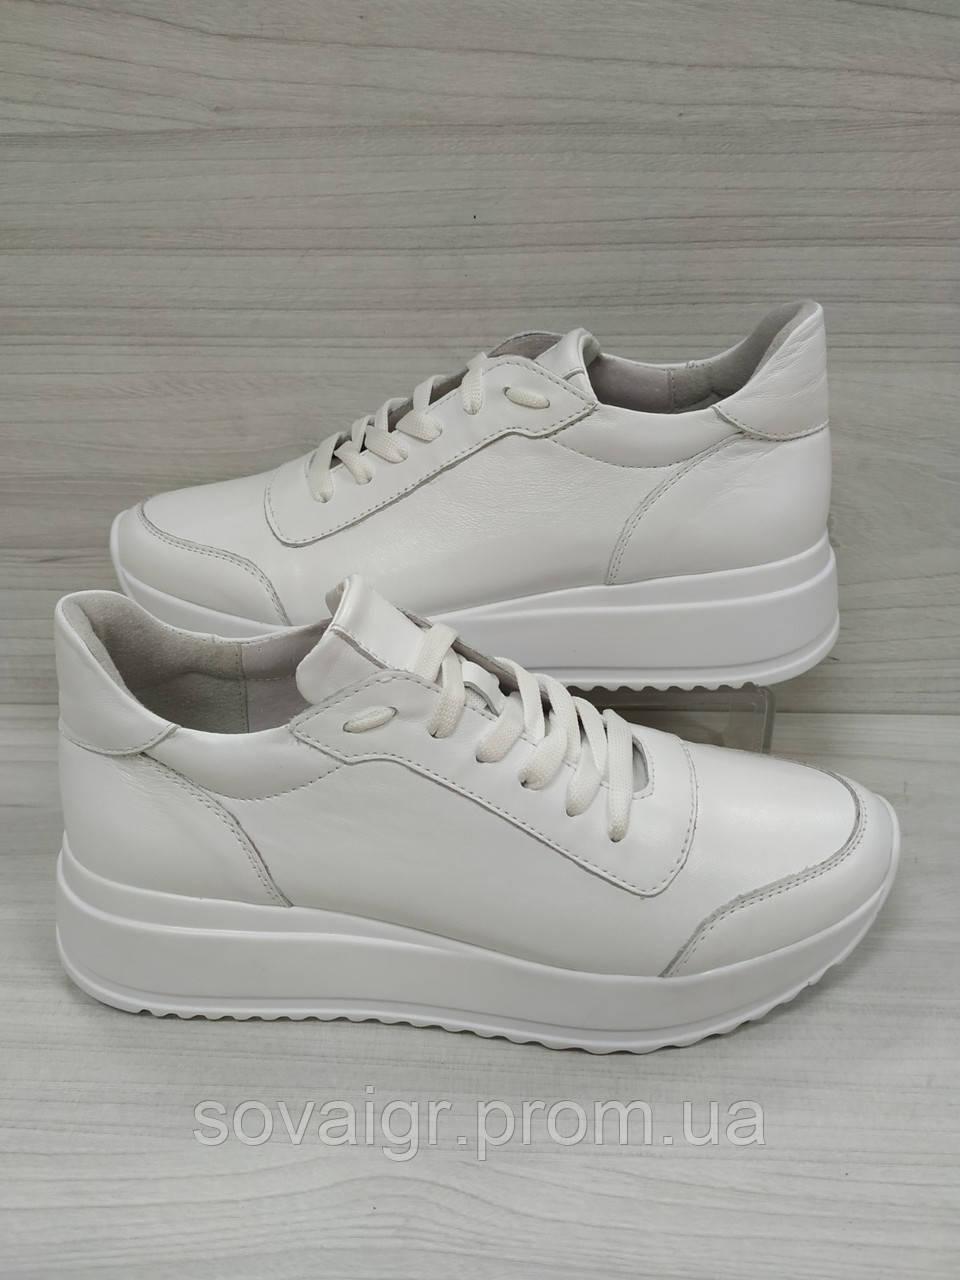 Кроссовки кожаные белые женские EMILI